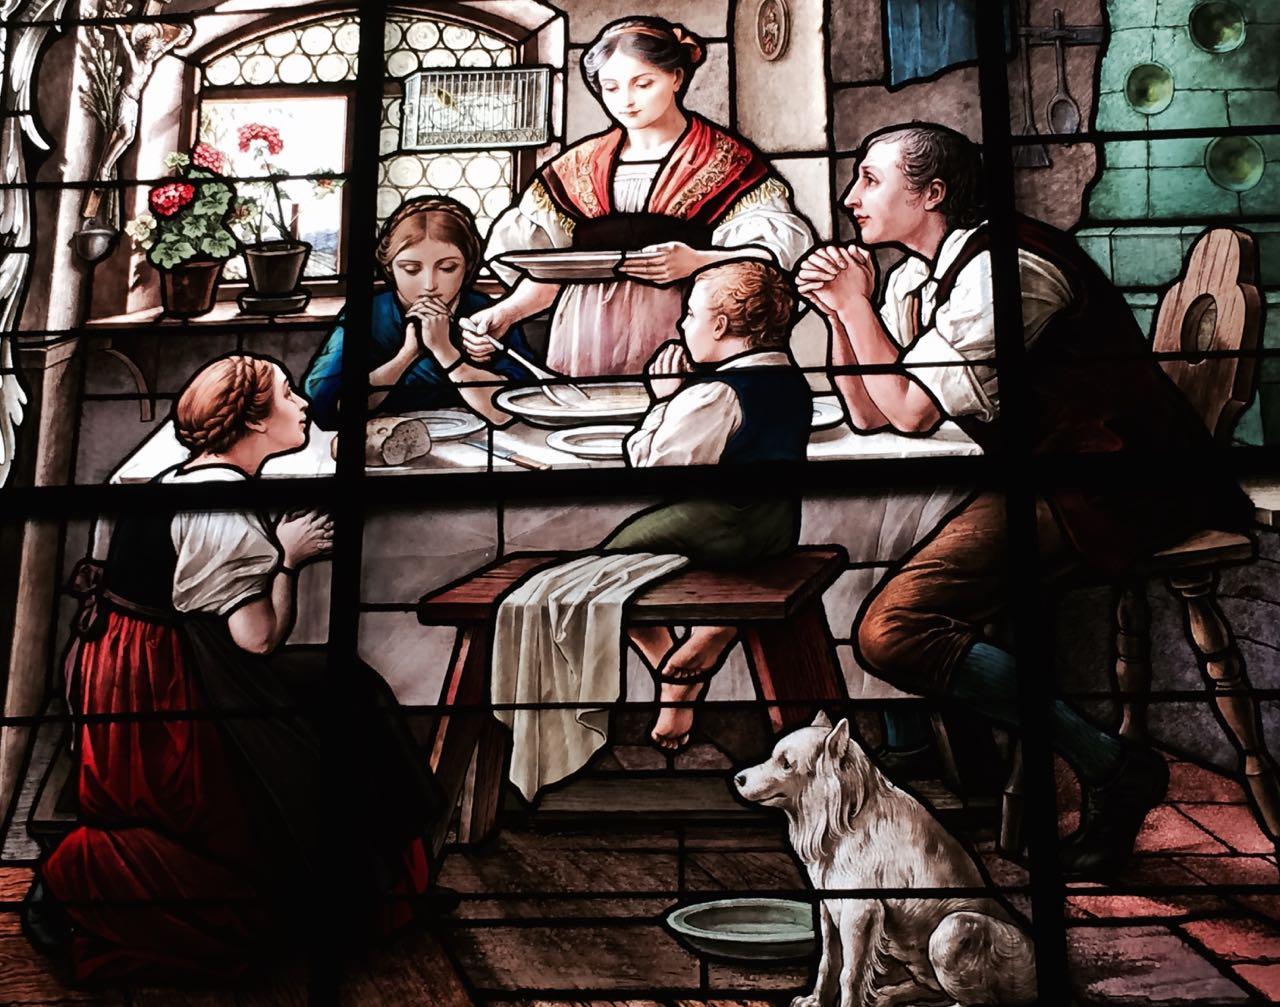 idealna chrześcijańska rodzina